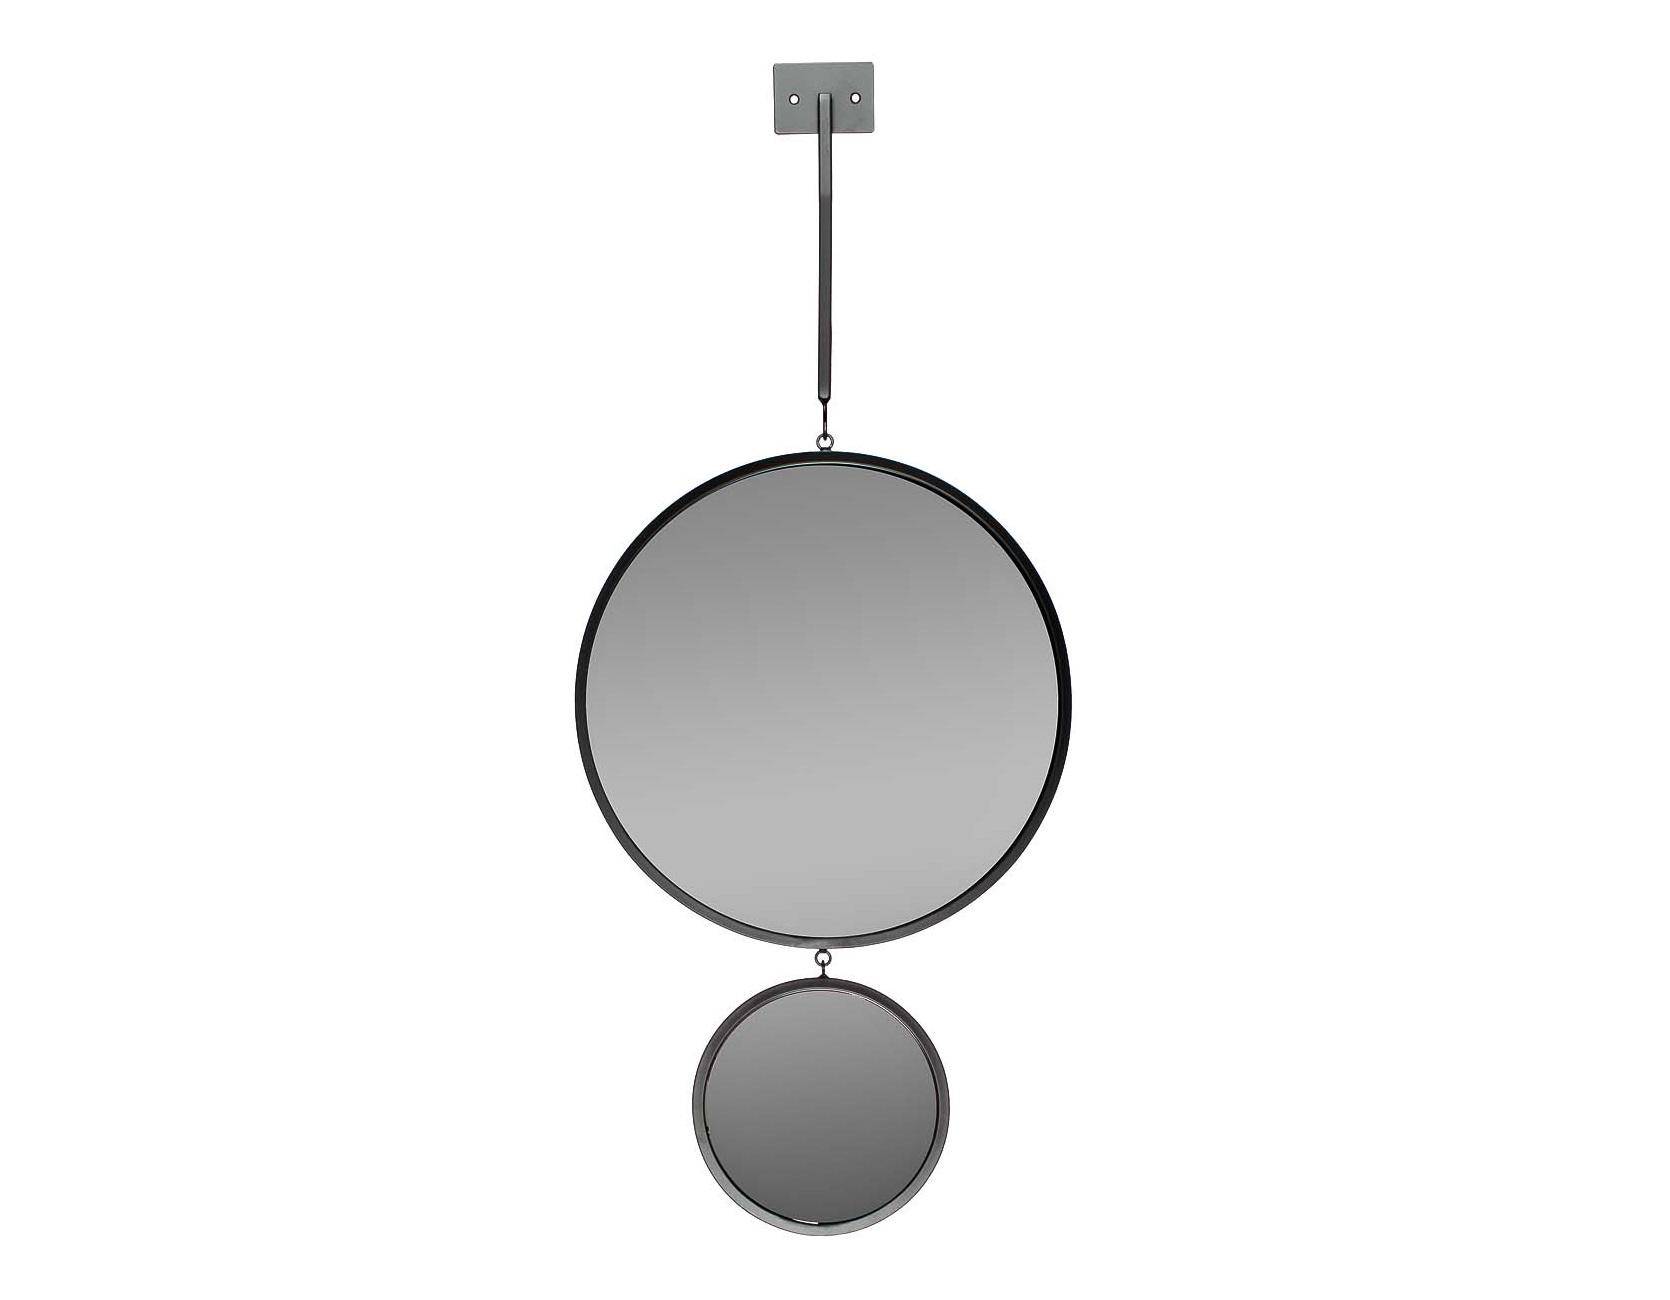 ЗеркалоНастенные зеркала<br>диаметр большого зеркала - 40 см, маленького зеркала - 20 см, высота планки - 60 см<br><br>Material: Металл<br>Width см: 40<br>Depth см: None<br>Height см: 120